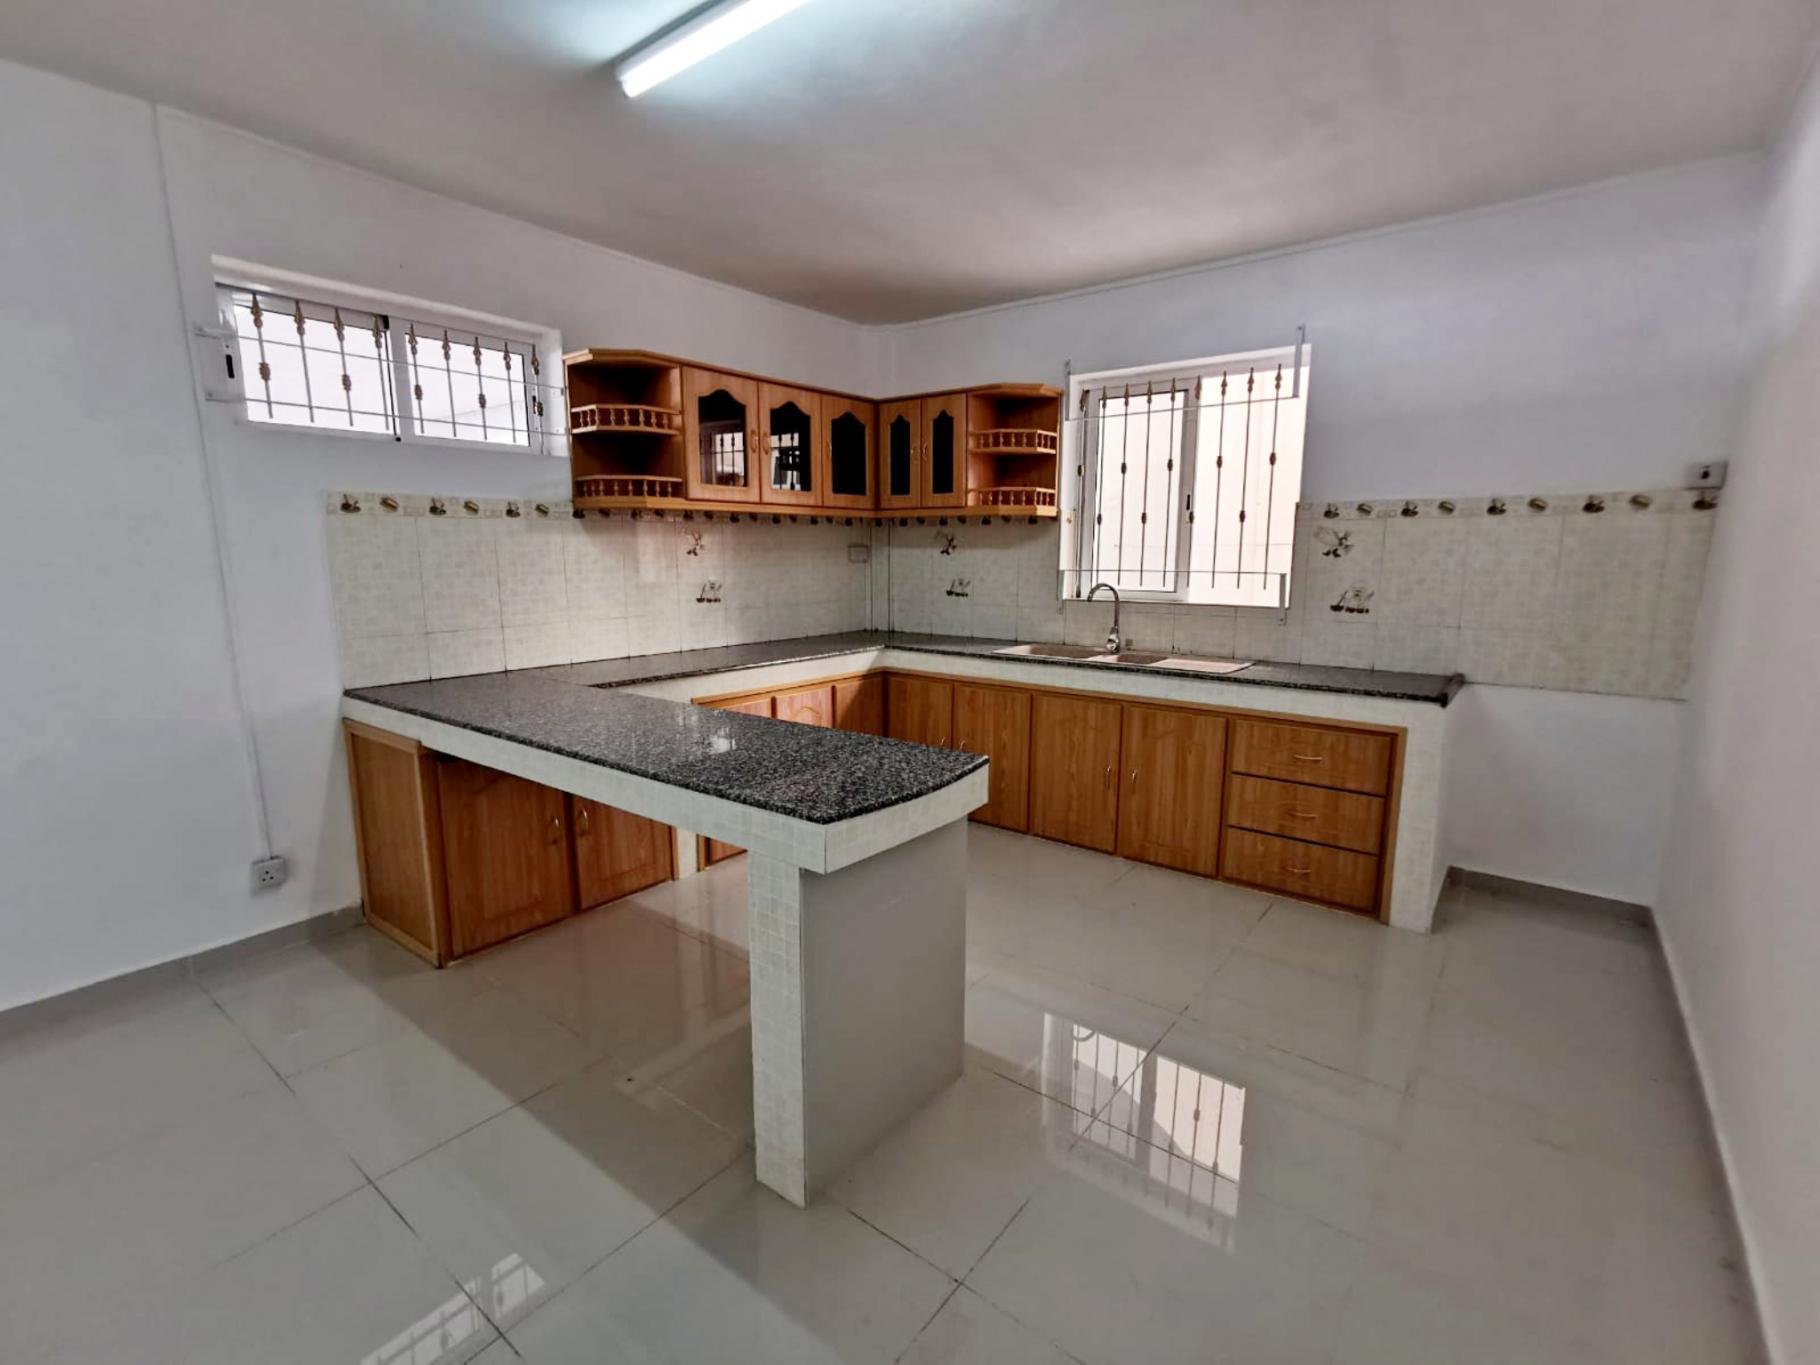 A VENDRE – Bel appartement non-meublé de 119 m2 au RDC à Coromandel.